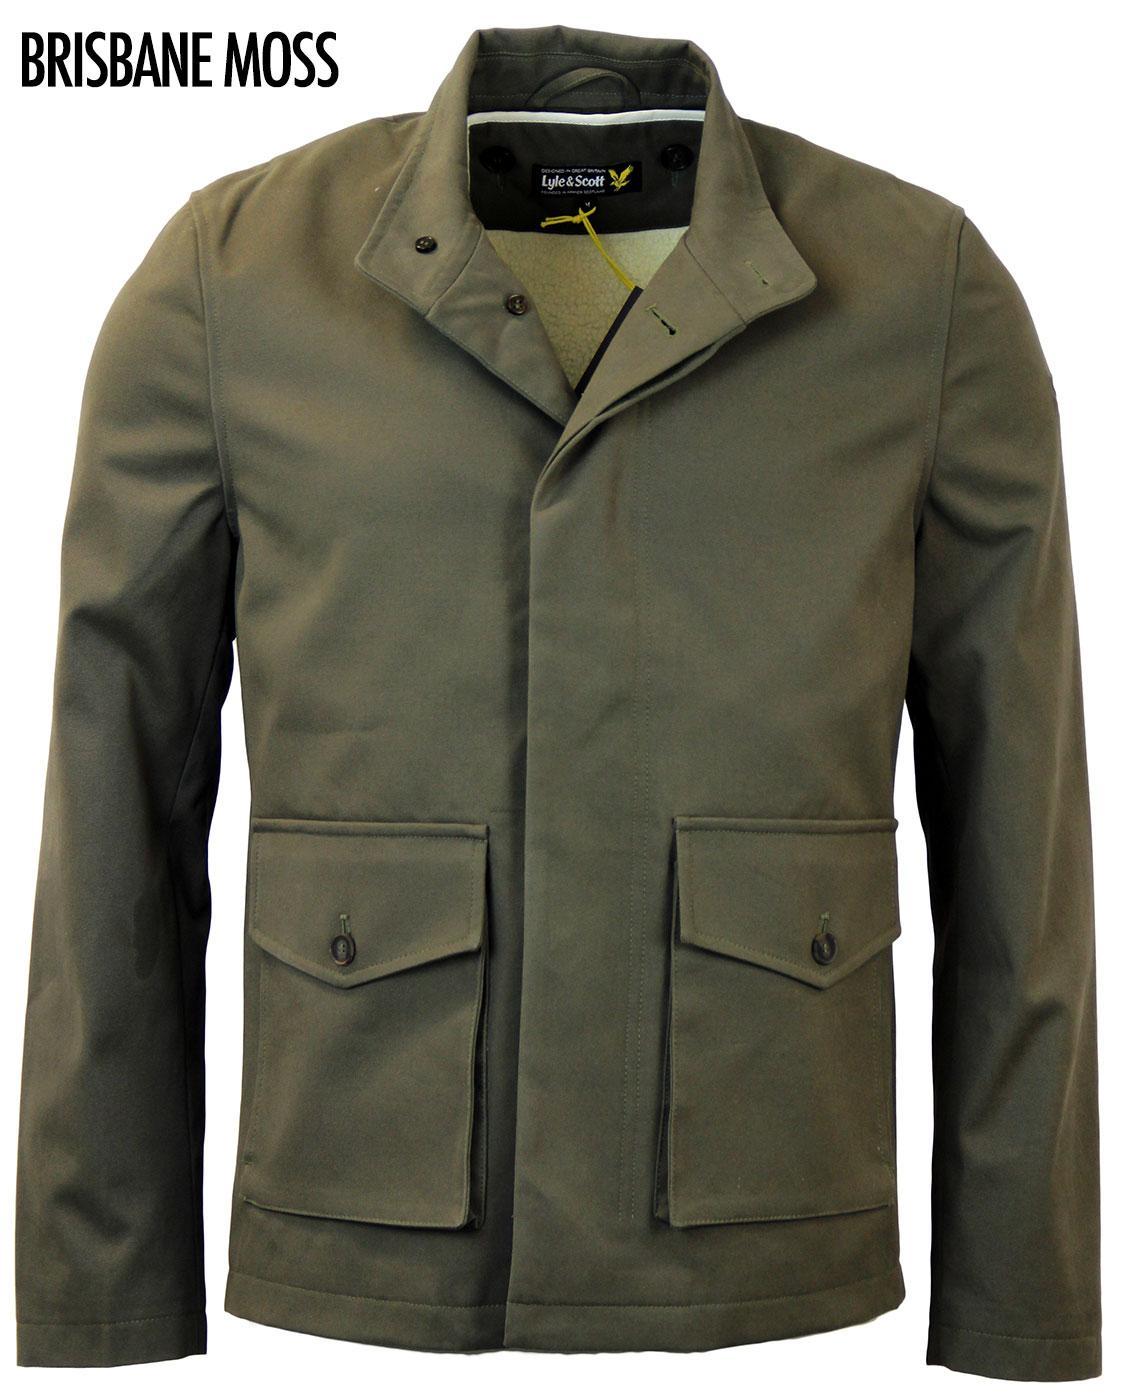 LYLE & SCOTT Brisbane Moss Shearling Lined Jacket